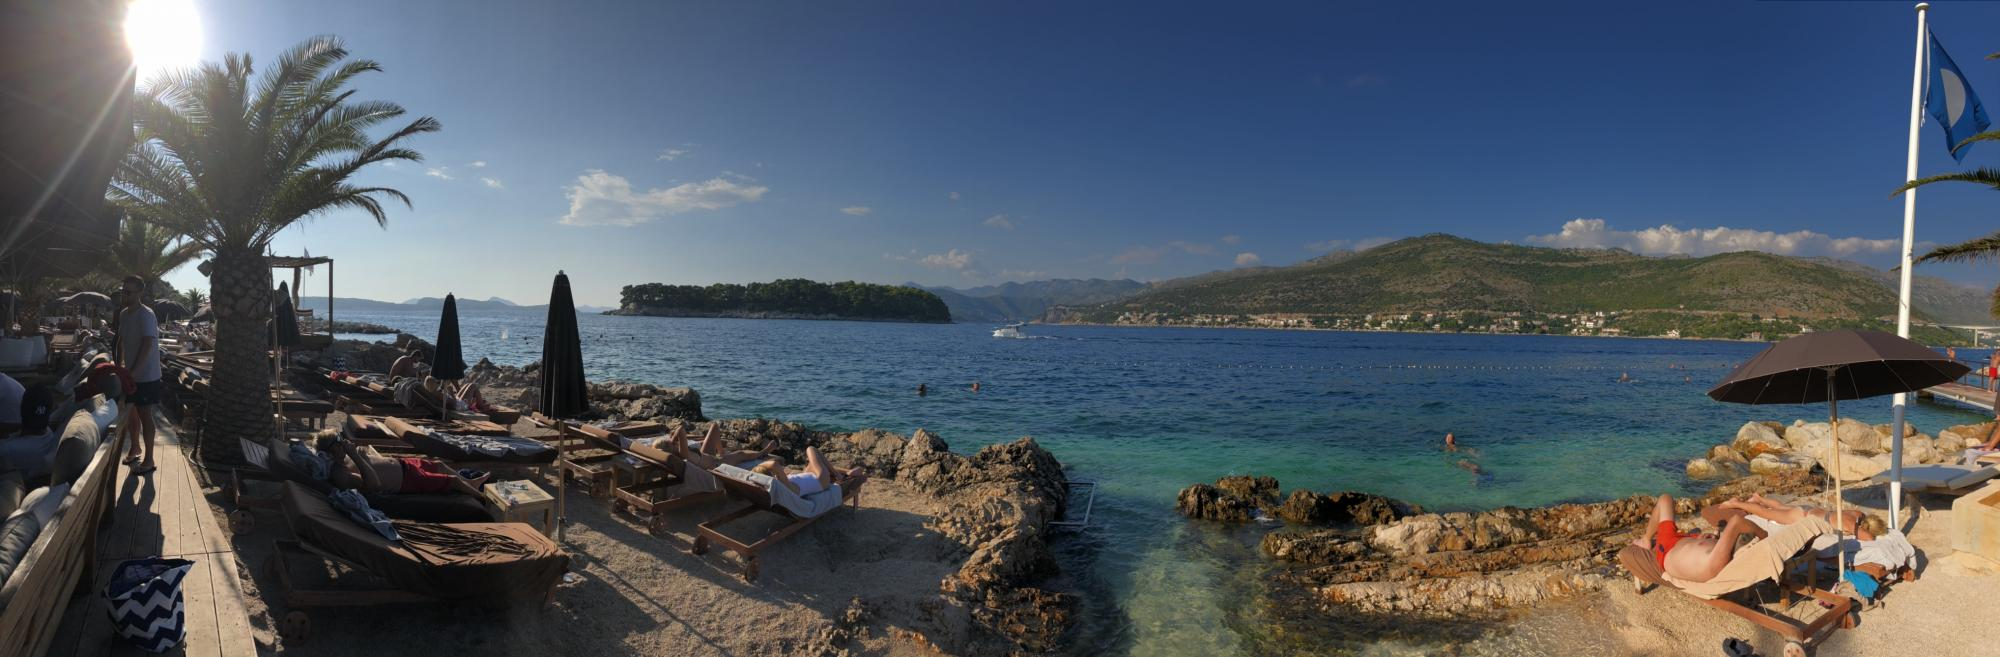 Dubrovnik - Ta mig TILLBAKA!